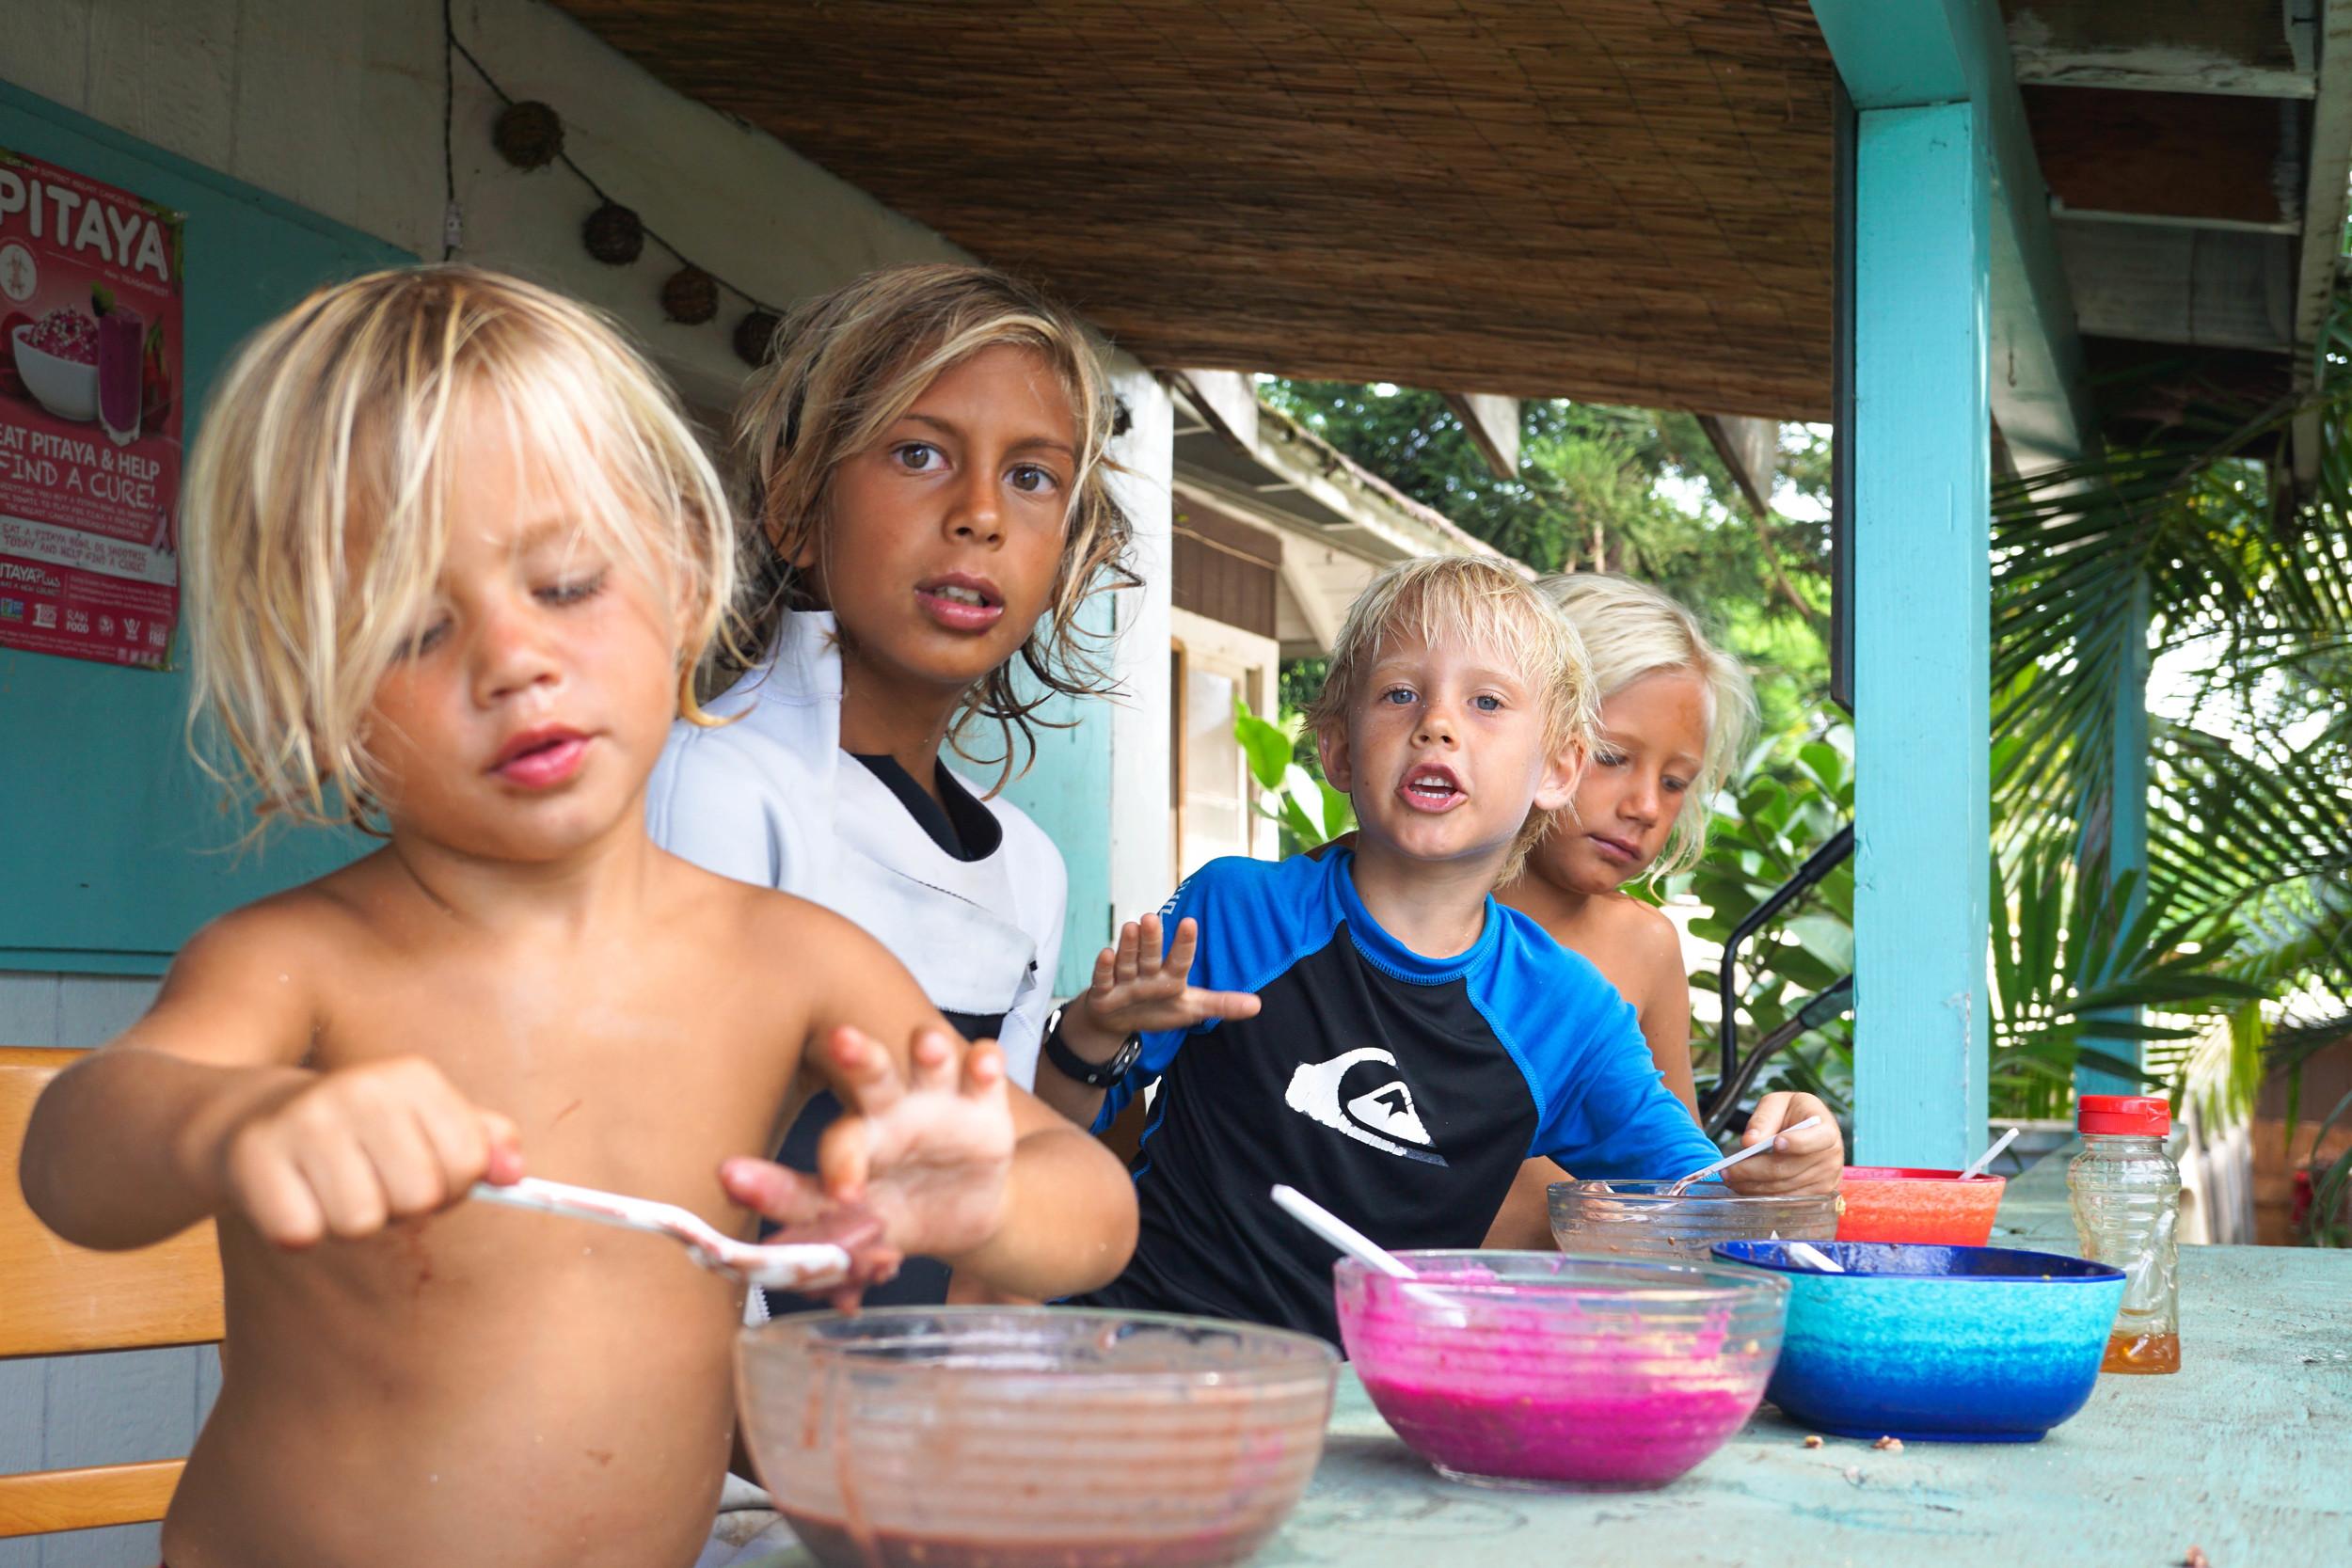 Kids Enjoying Smothie Bowls